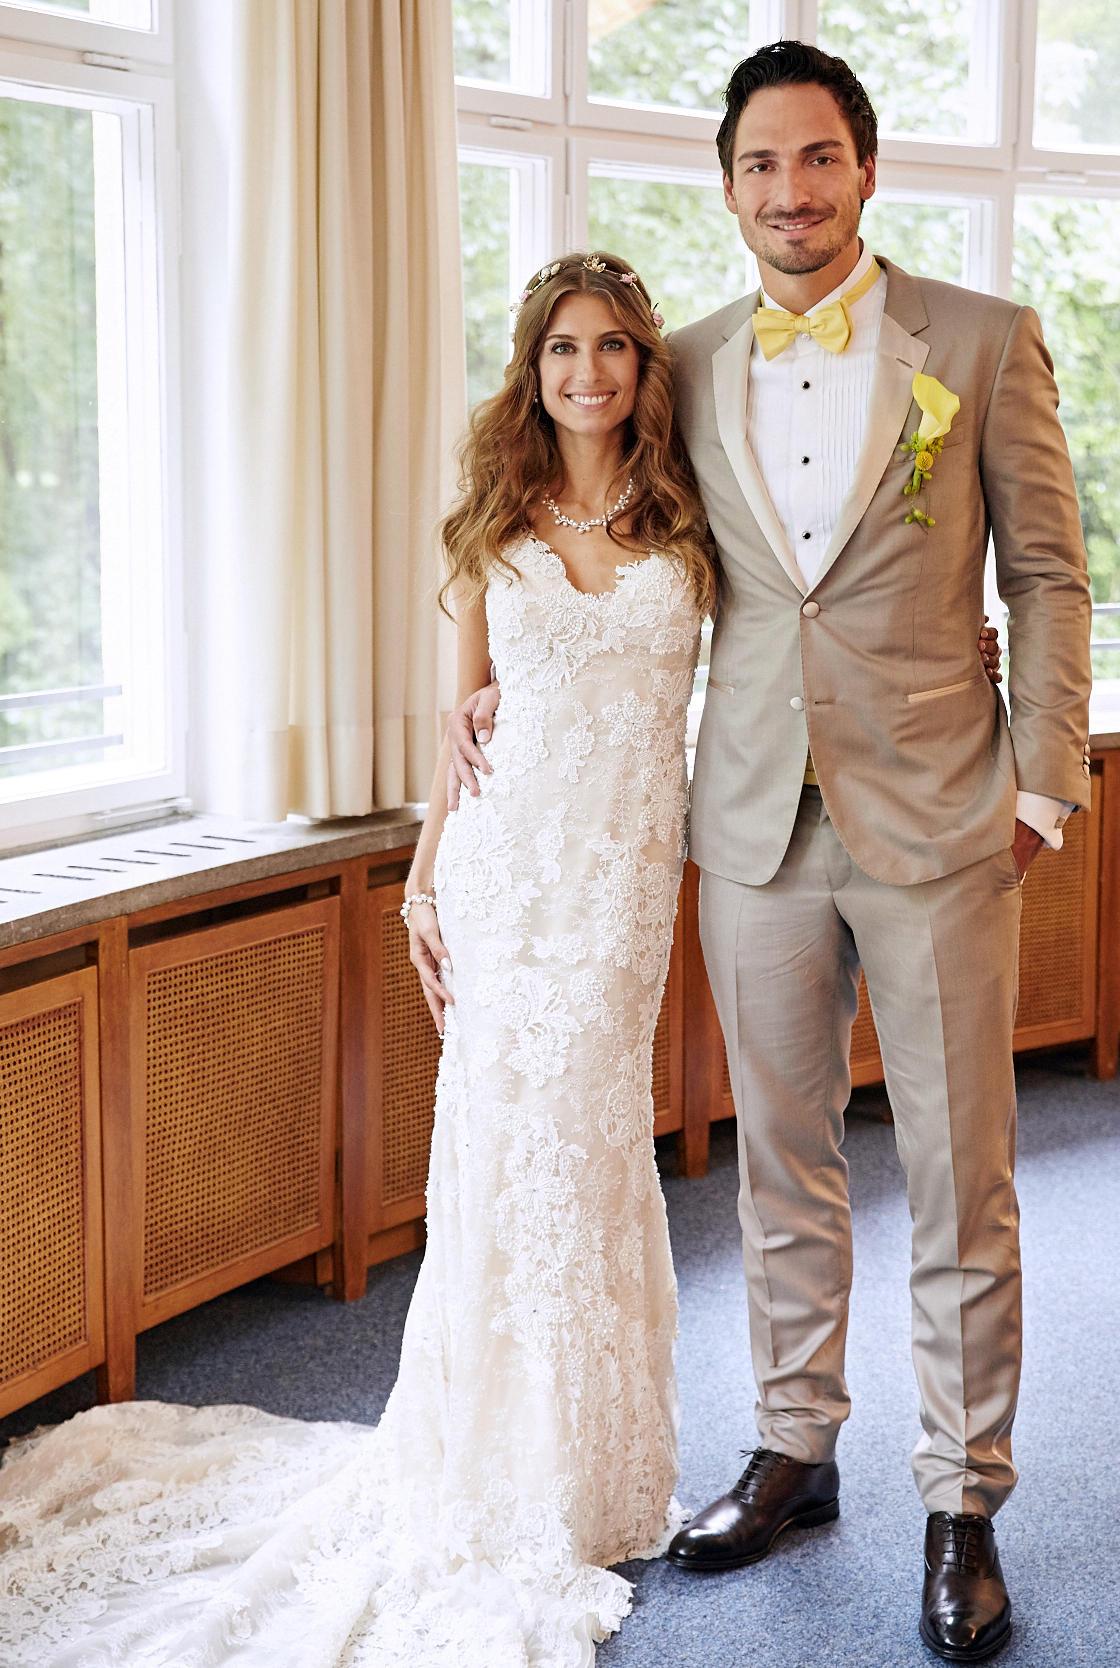 Cathy Fischer und Mats Hummels heiraten Hochzeit im Regen